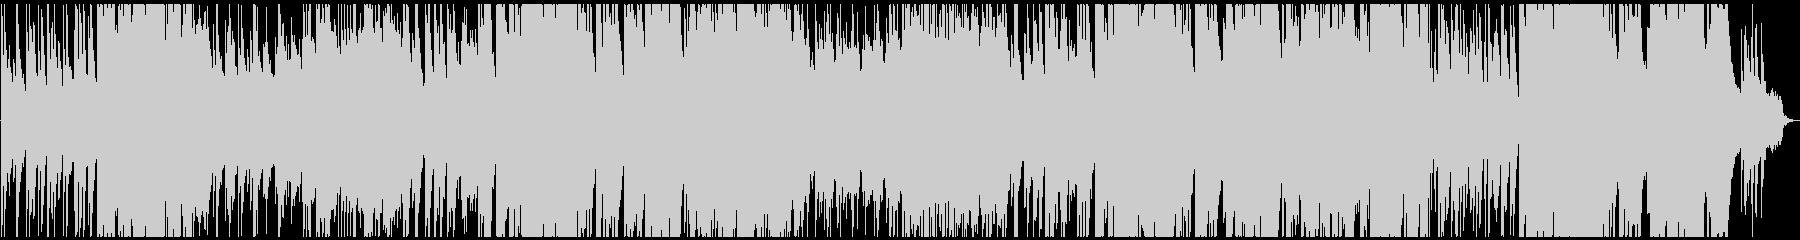 切ない感動系ピアノバラードBGMの未再生の波形